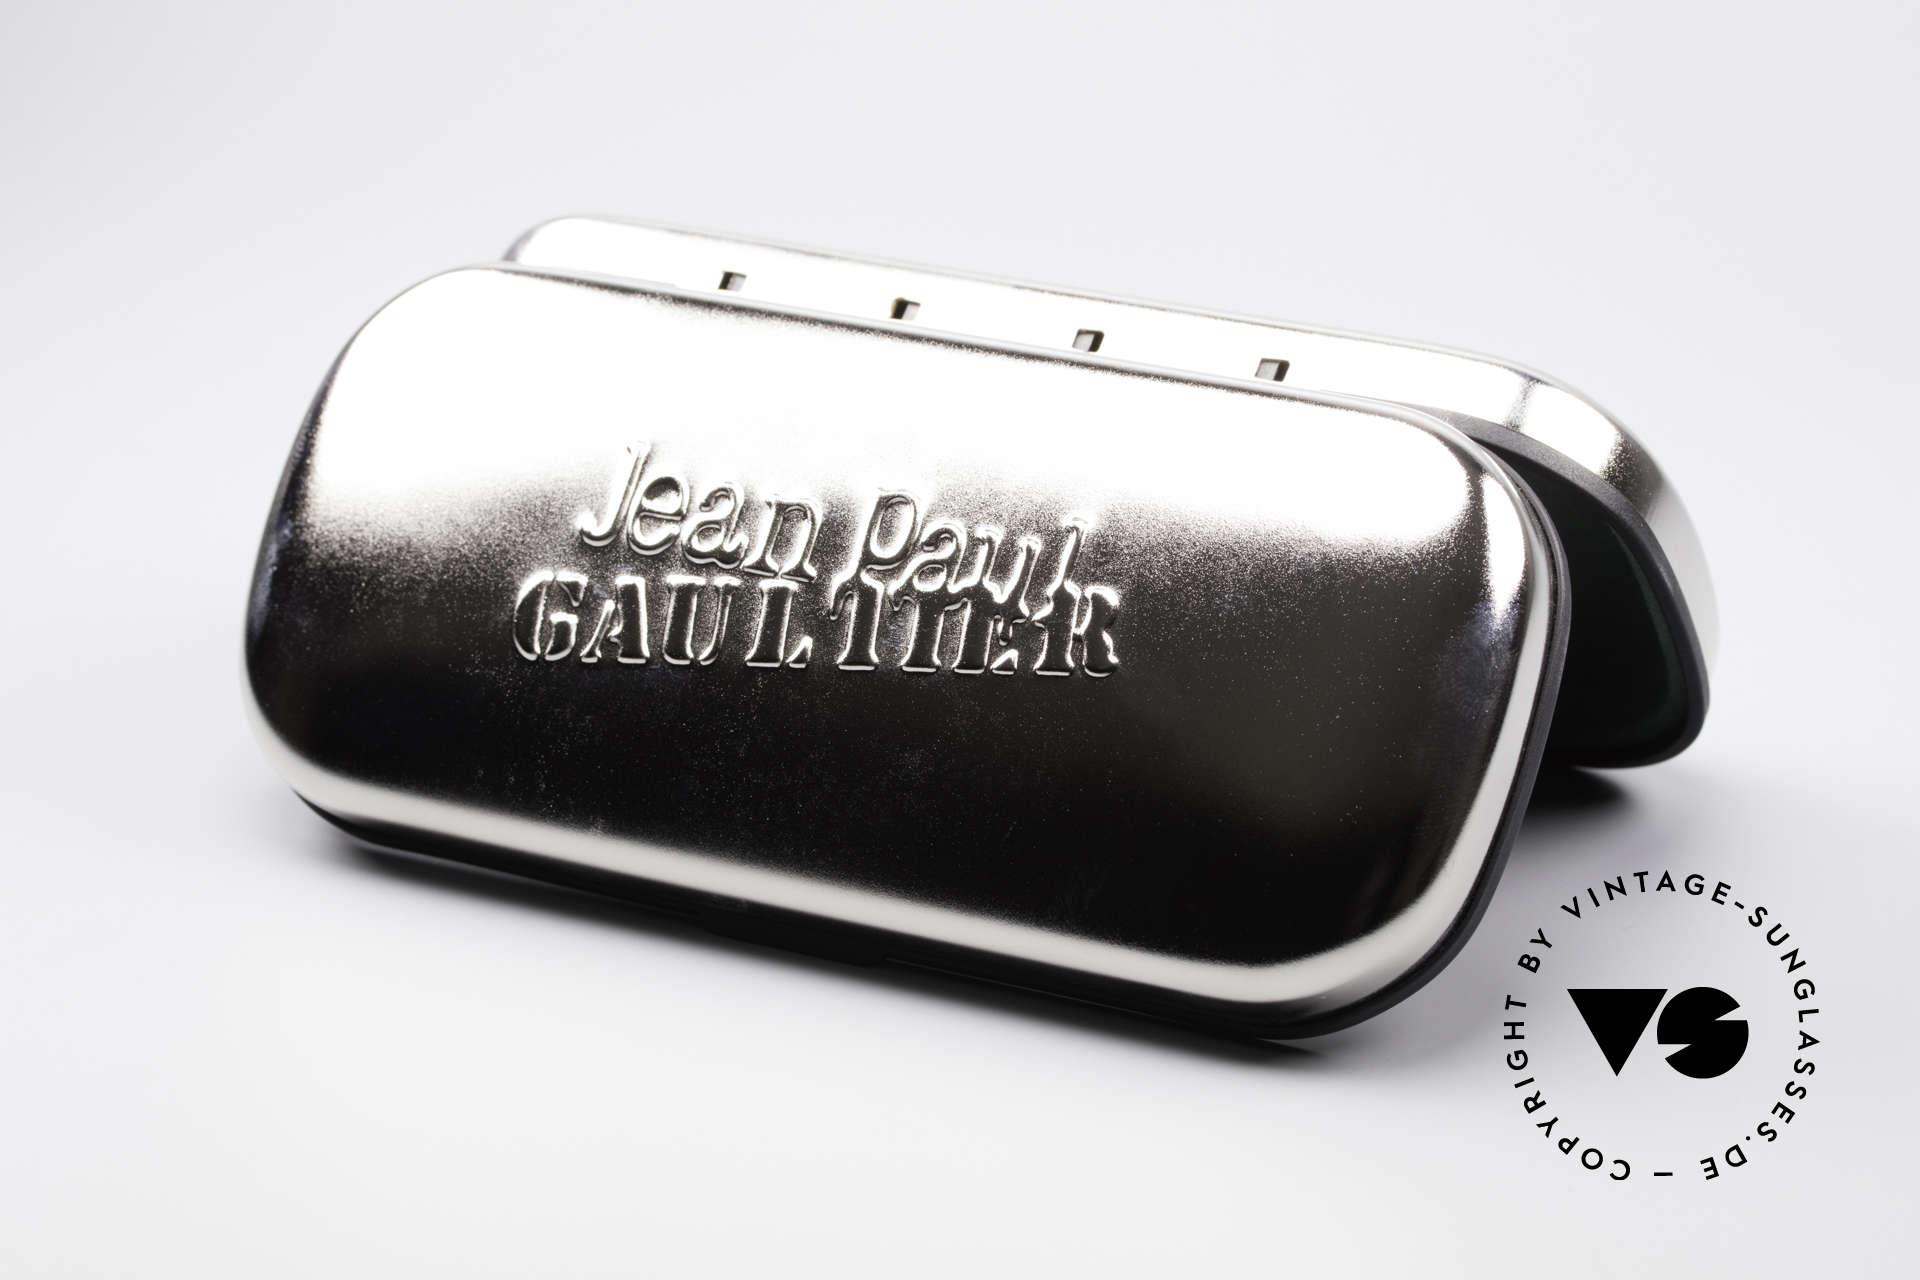 Jean Paul Gaultier 56-2173 Echt Vintage No Retro Brille, echt vintage von 1994 und KEINE Retrobrille, Passend für Herren und Damen